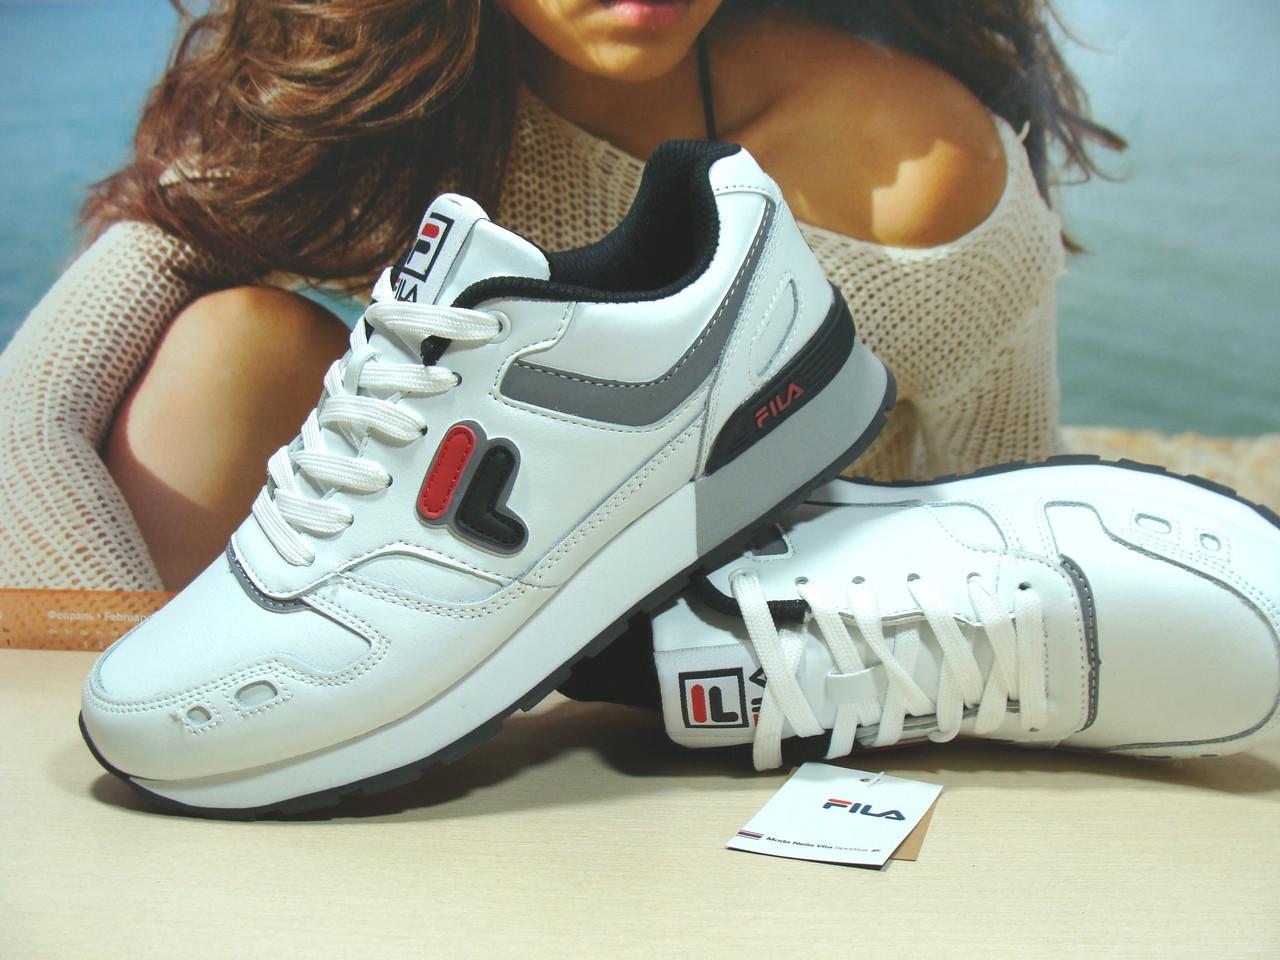 Мужские кроссовки Fila RJ STAR 85 (реплика) белые 42 р.